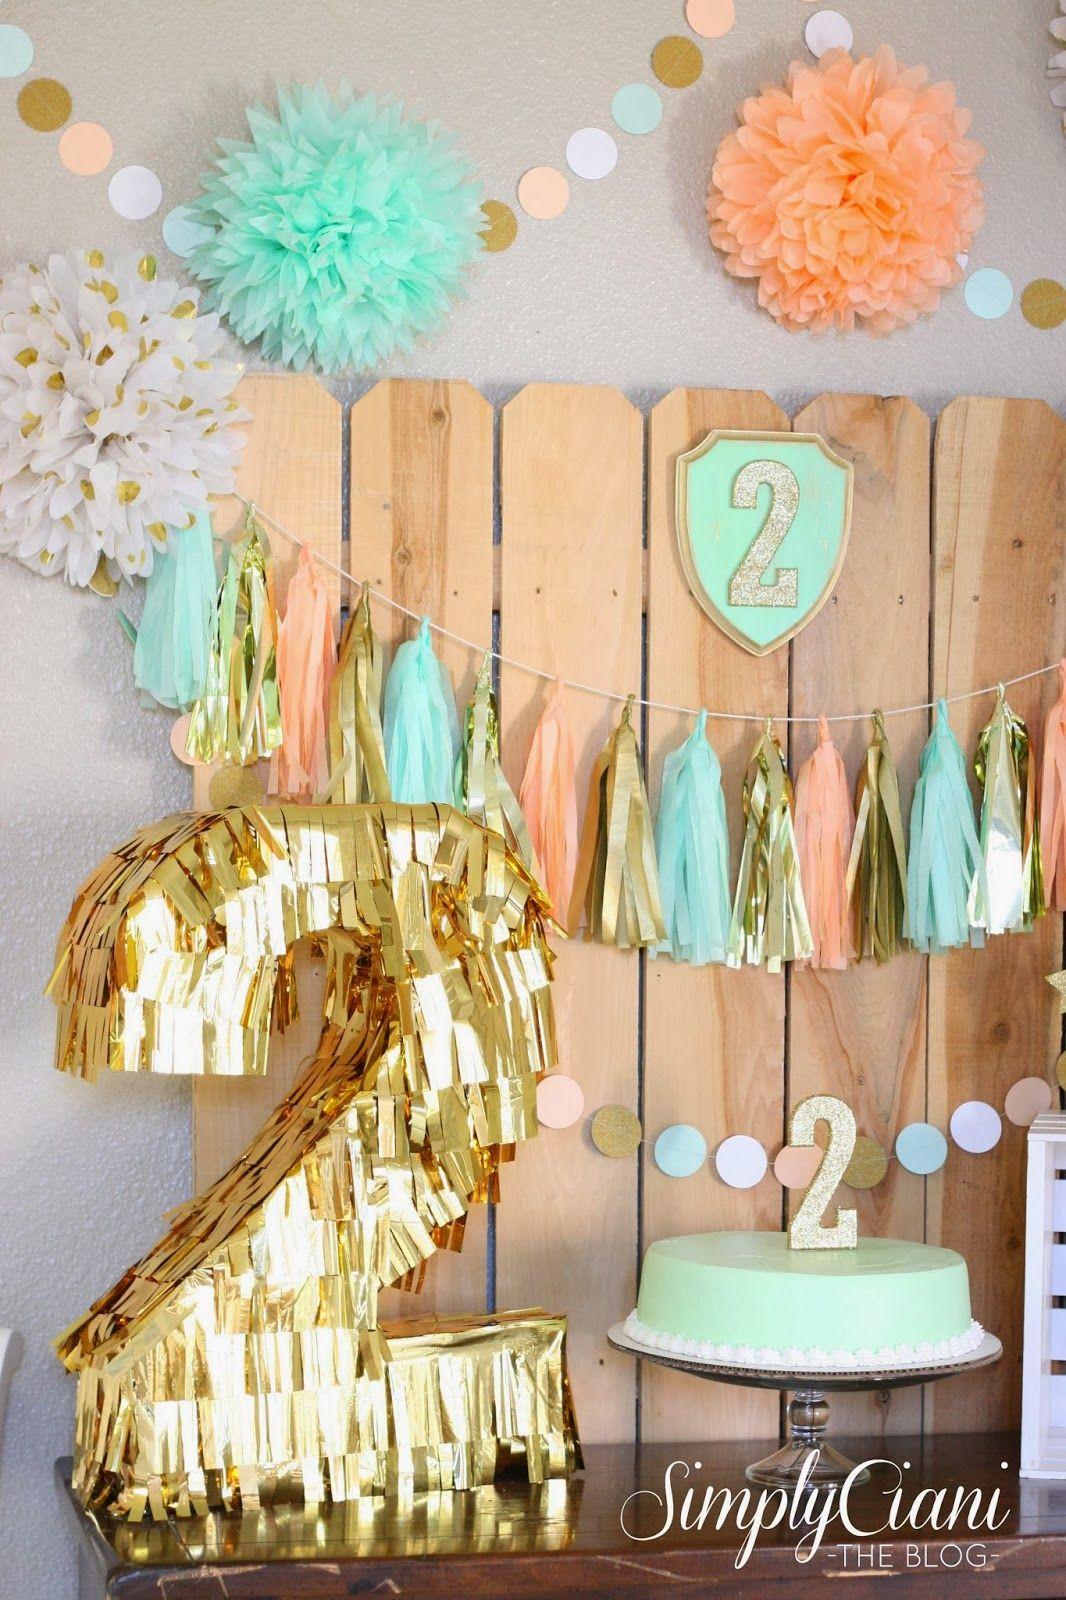 Me gusta mucho esta decoraci n para fiestas de cumplea os for Decoracion de fiestas